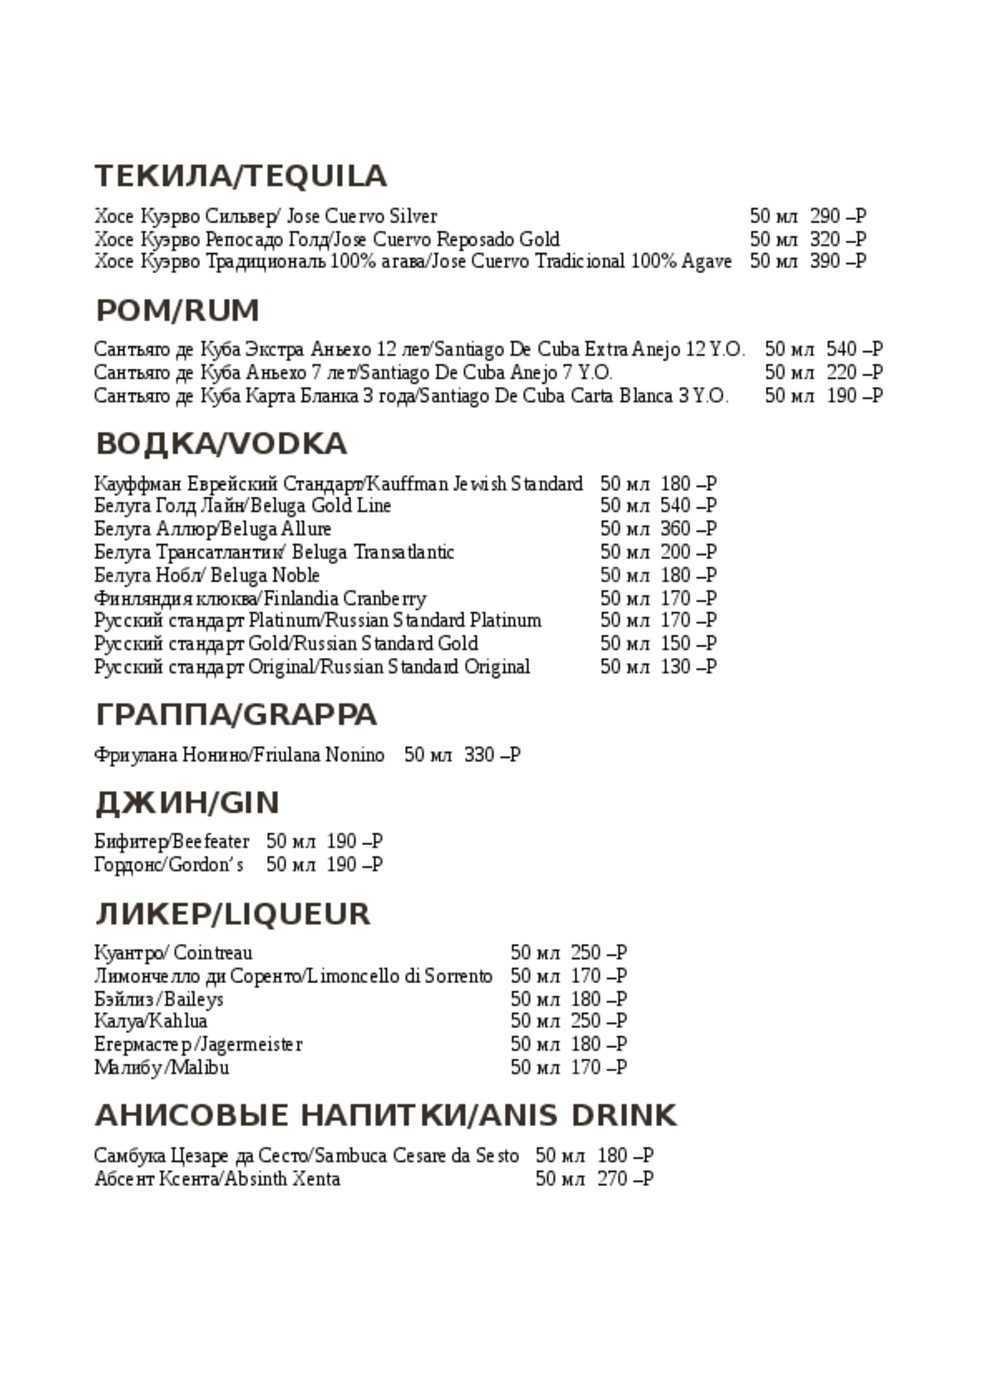 Меню ресторана Форшмак на Сибирской улице